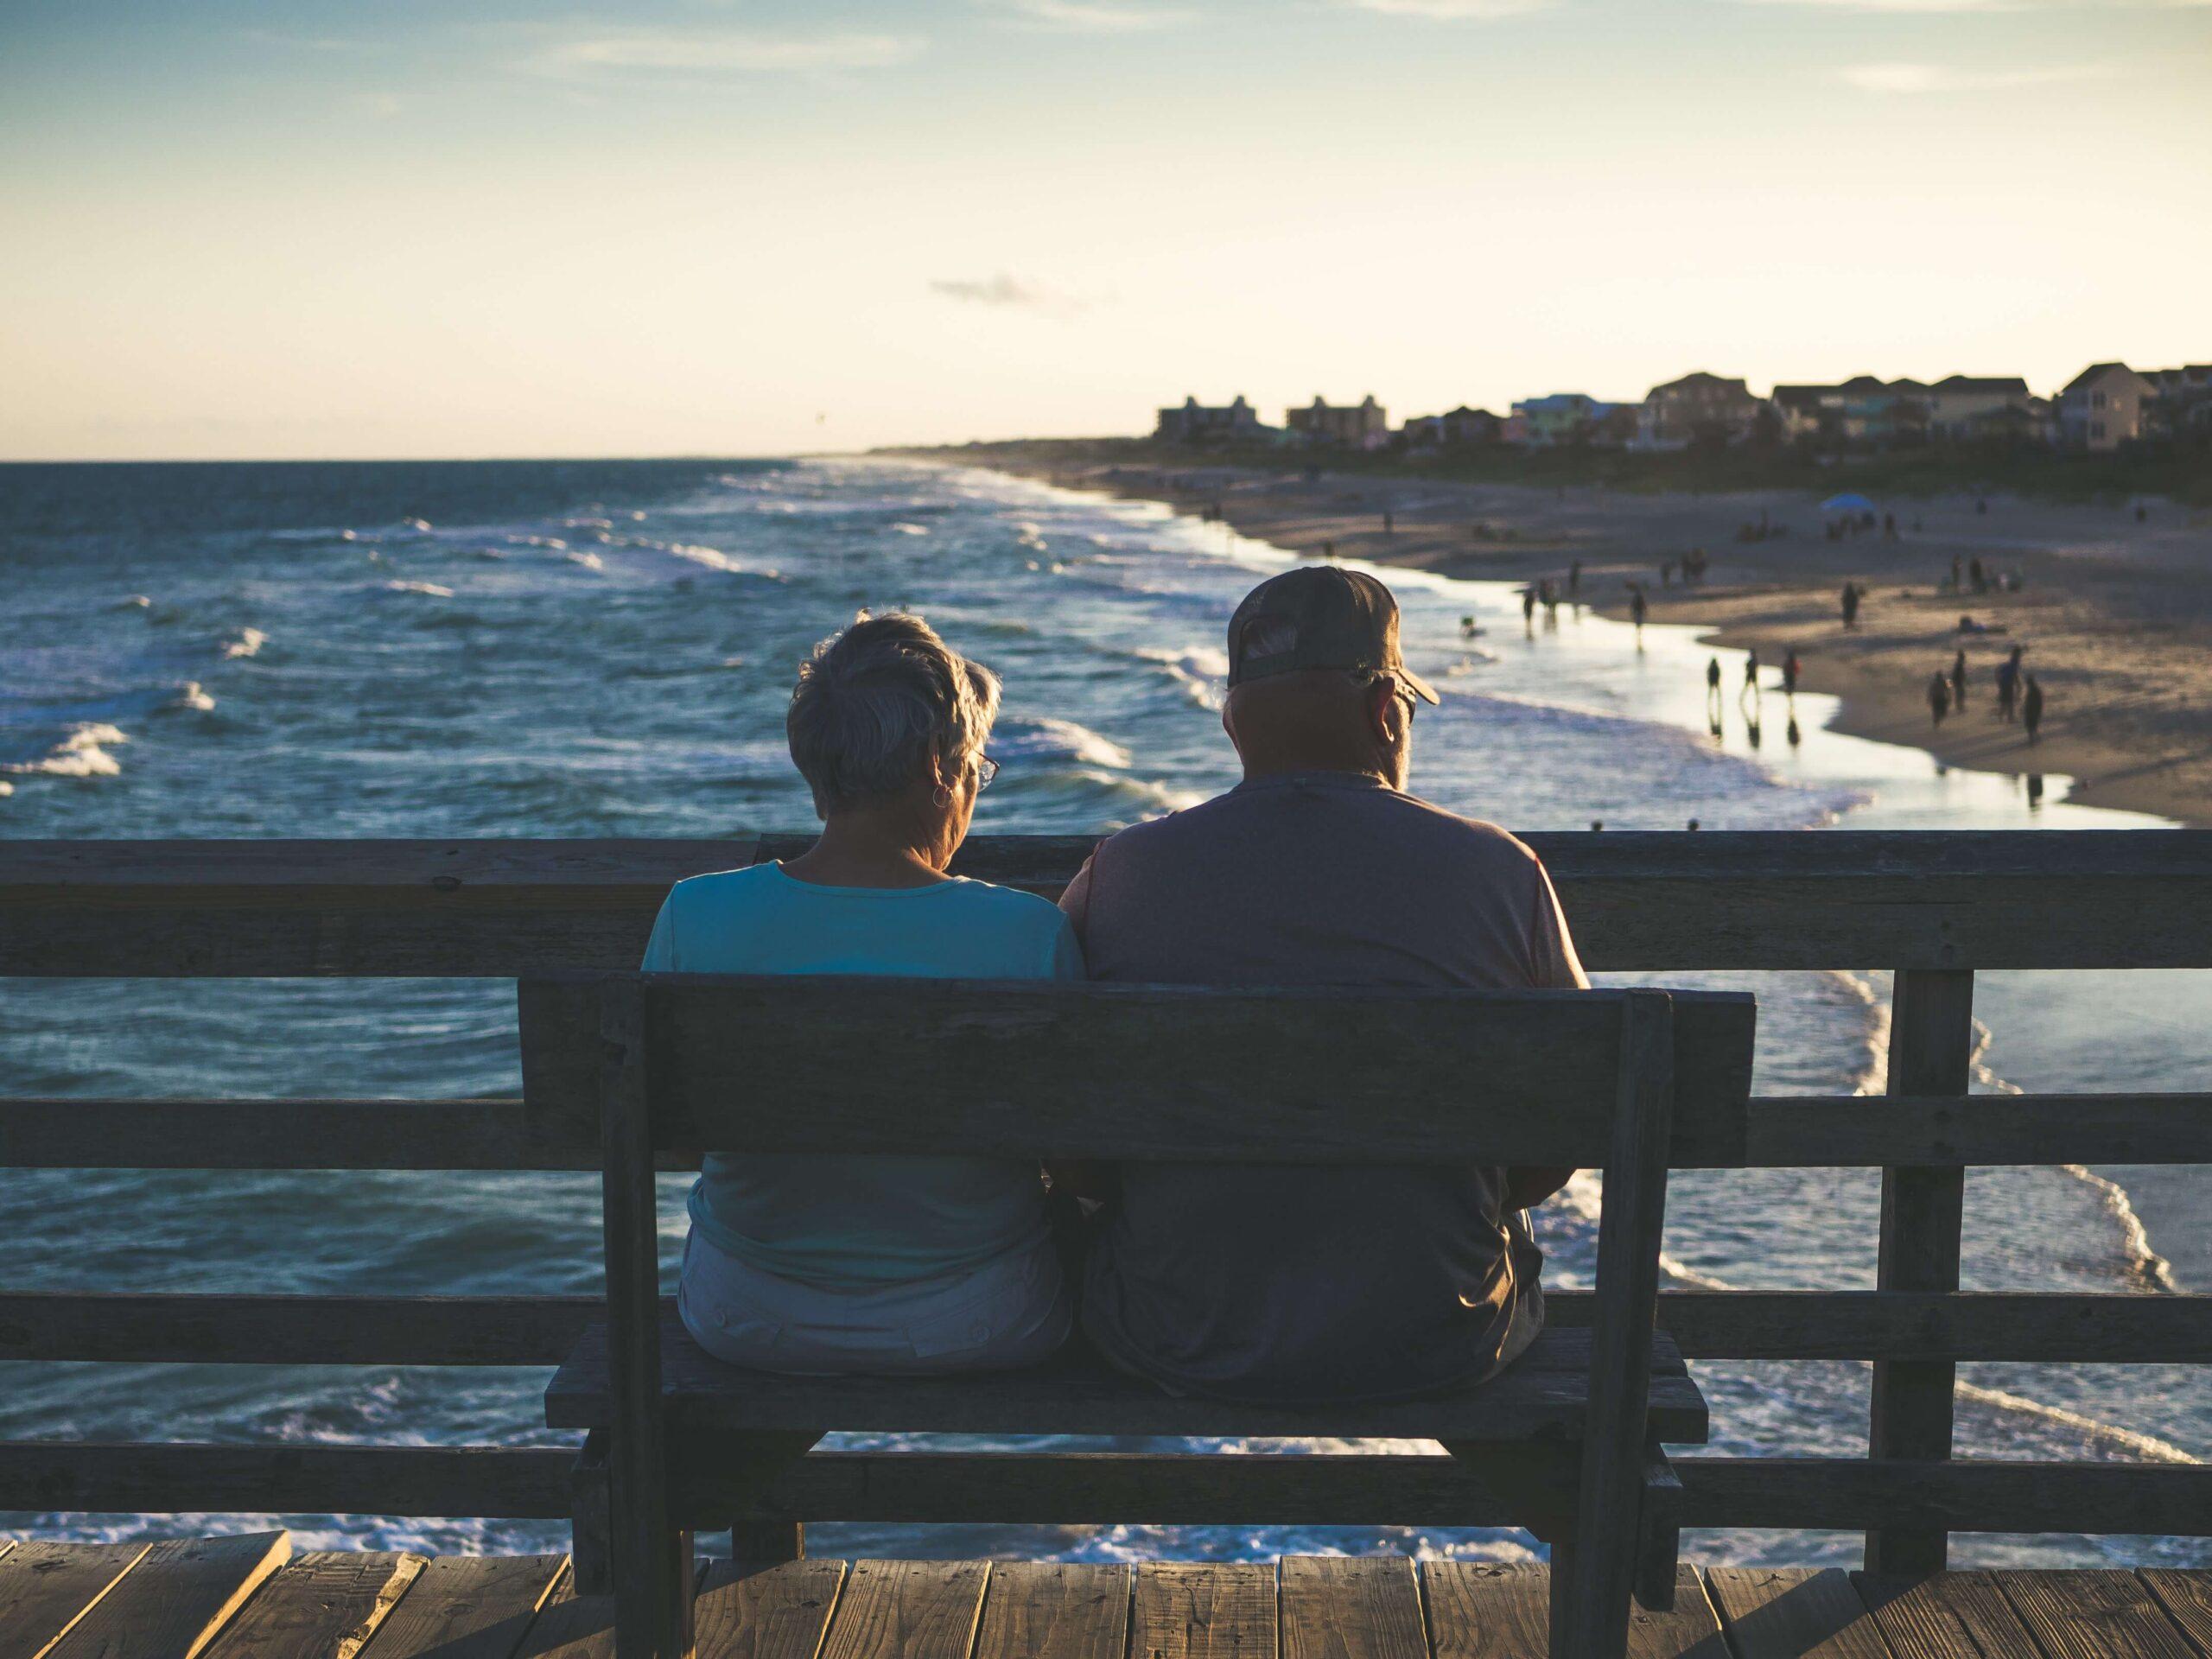 Zelf aanvullend pensioen opbouwen? Dan wil je dít weten!